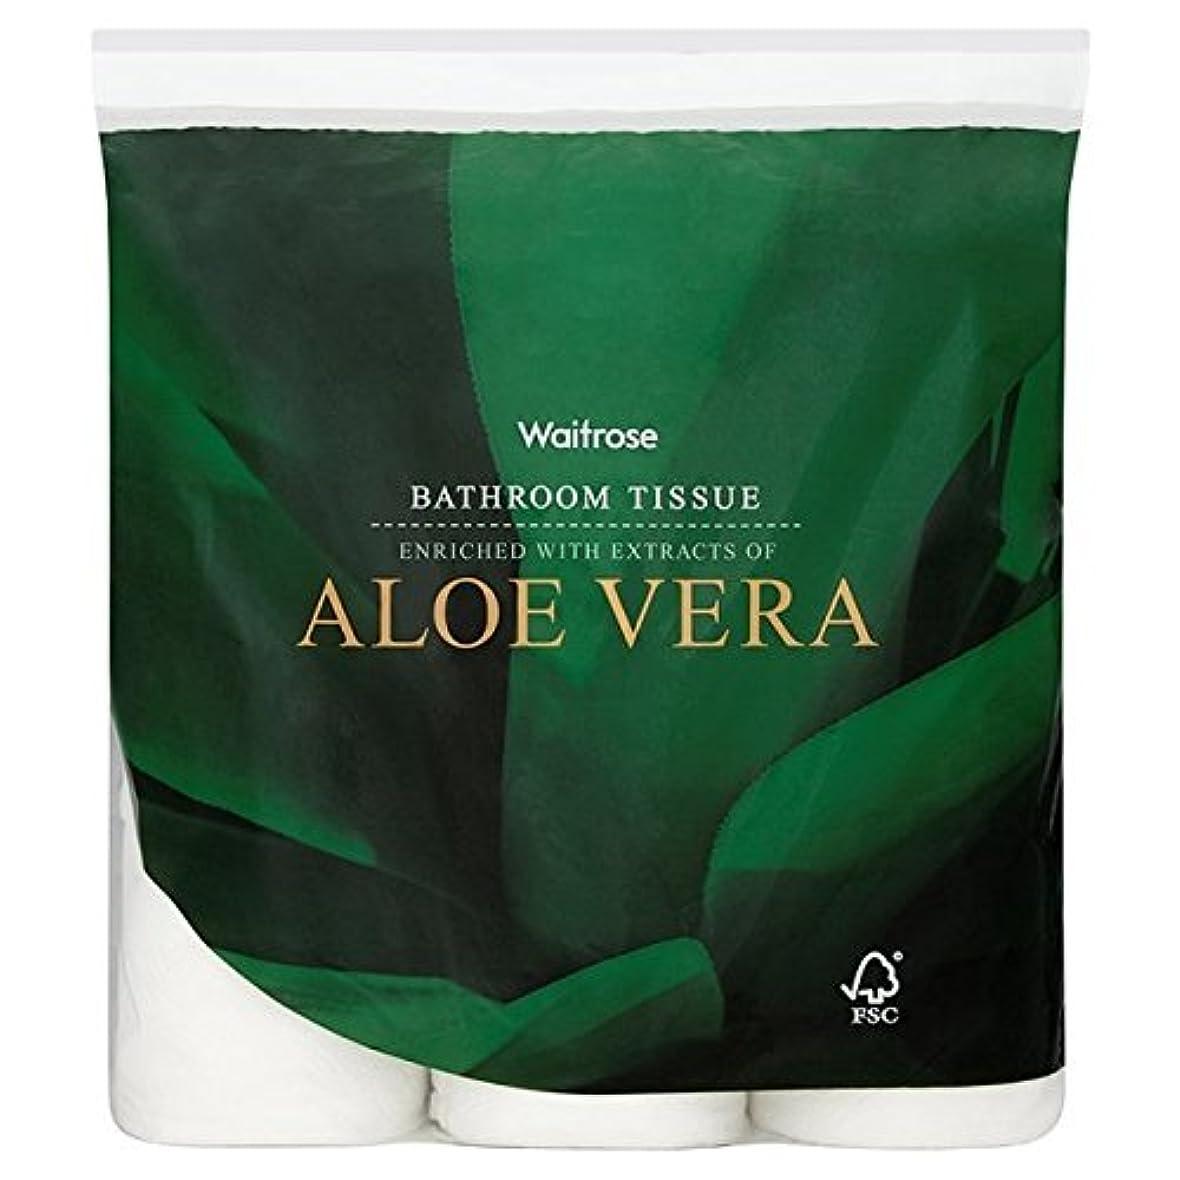 クローゼットたくさん報いるAloe Vera Bathroom Tissue White Waitrose 9 per pack (Pack of 6) - パックあたりアロエベラ浴室組織白ウェイトローズ9 x6 [並行輸入品]